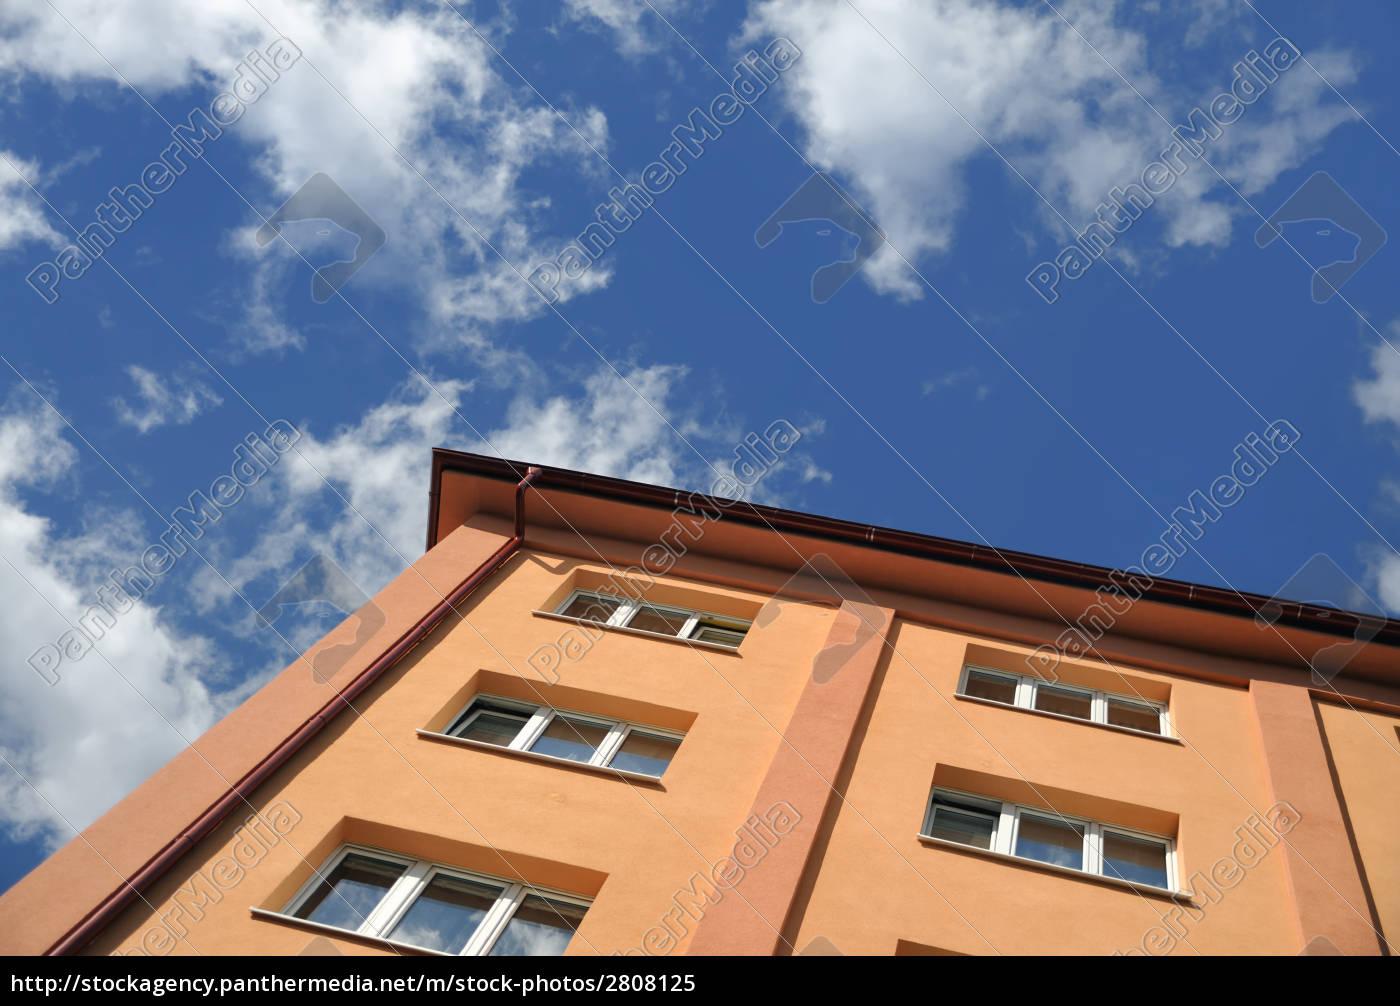 block, of, flats, -, apartment, building - 2808125